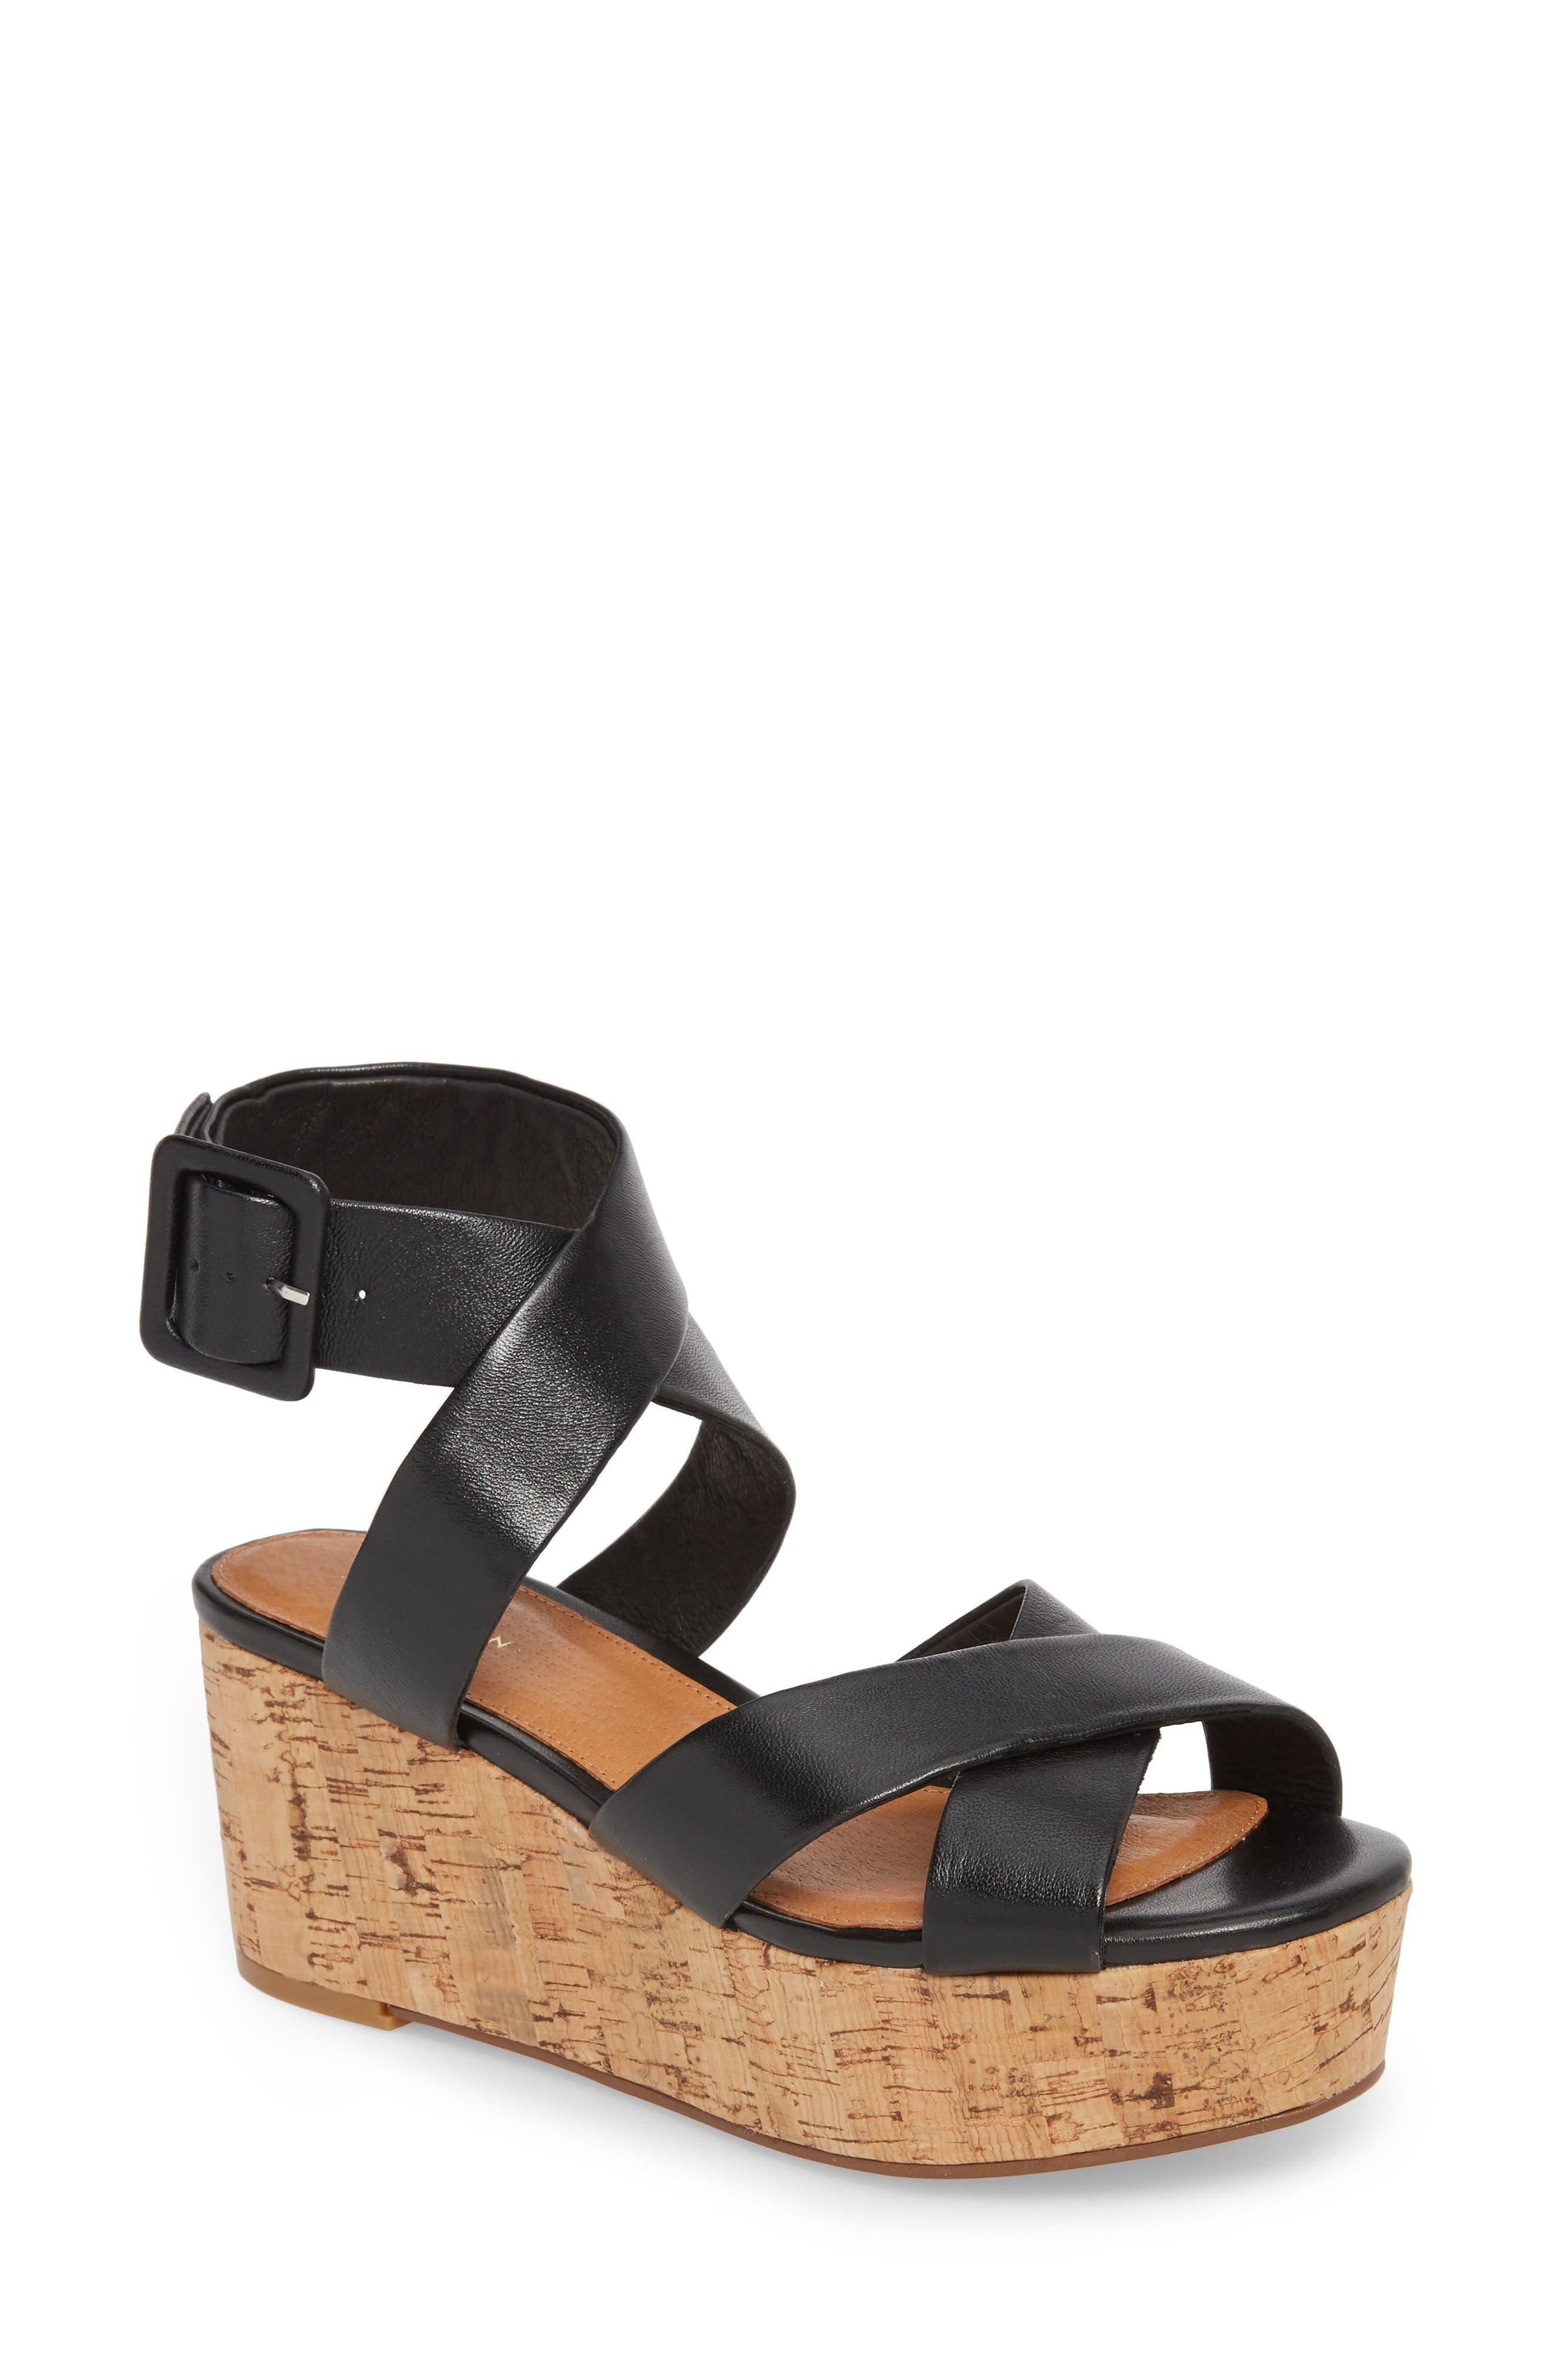 Evie Platform Wedge Sandal,                         Main,                         color,